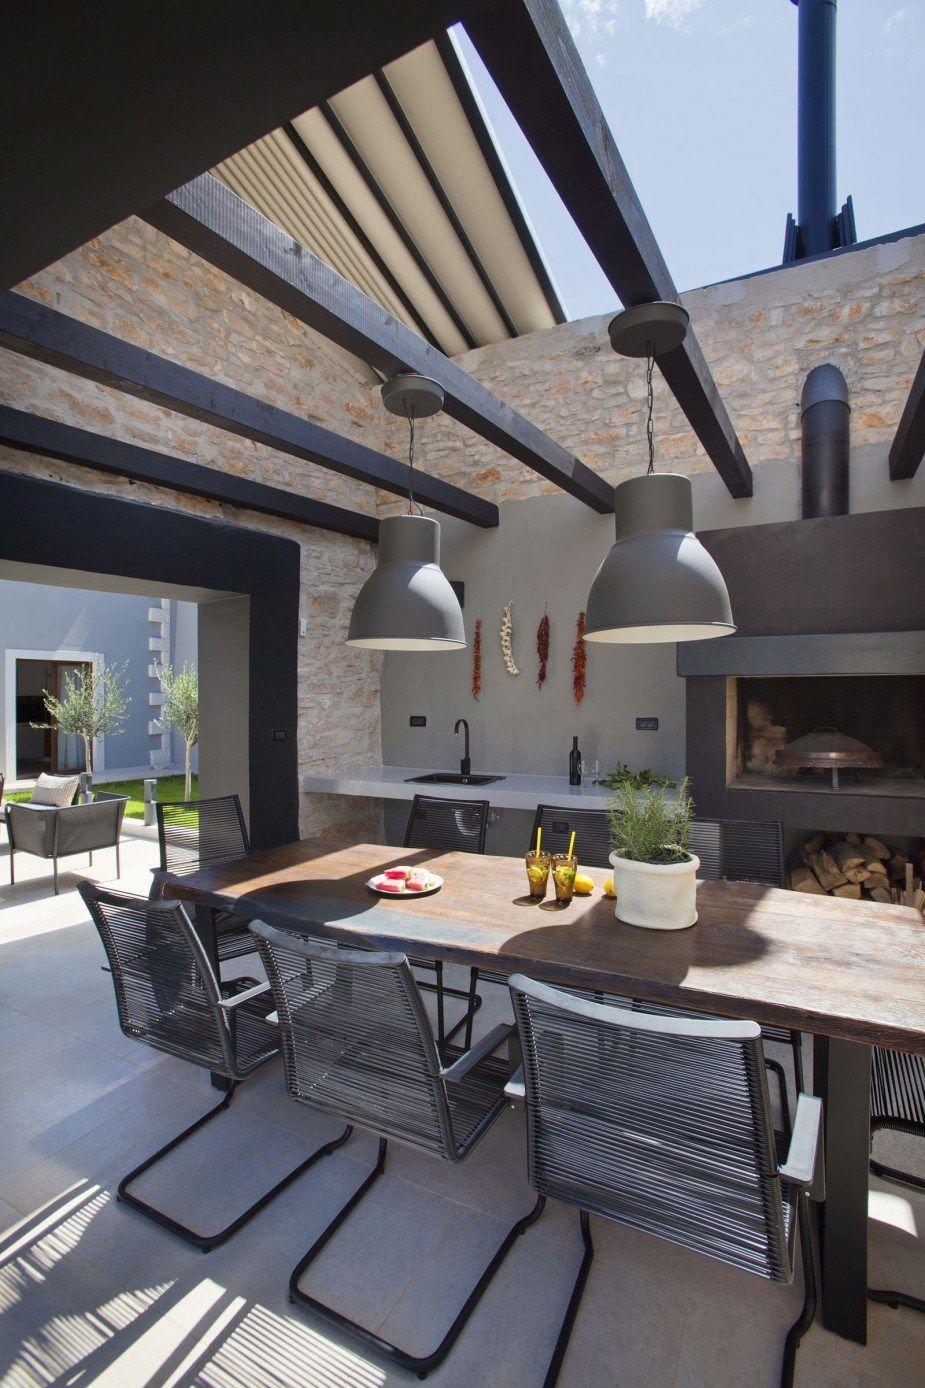 Modelo de barbacoa y de comedor exterior casa calera pinterest